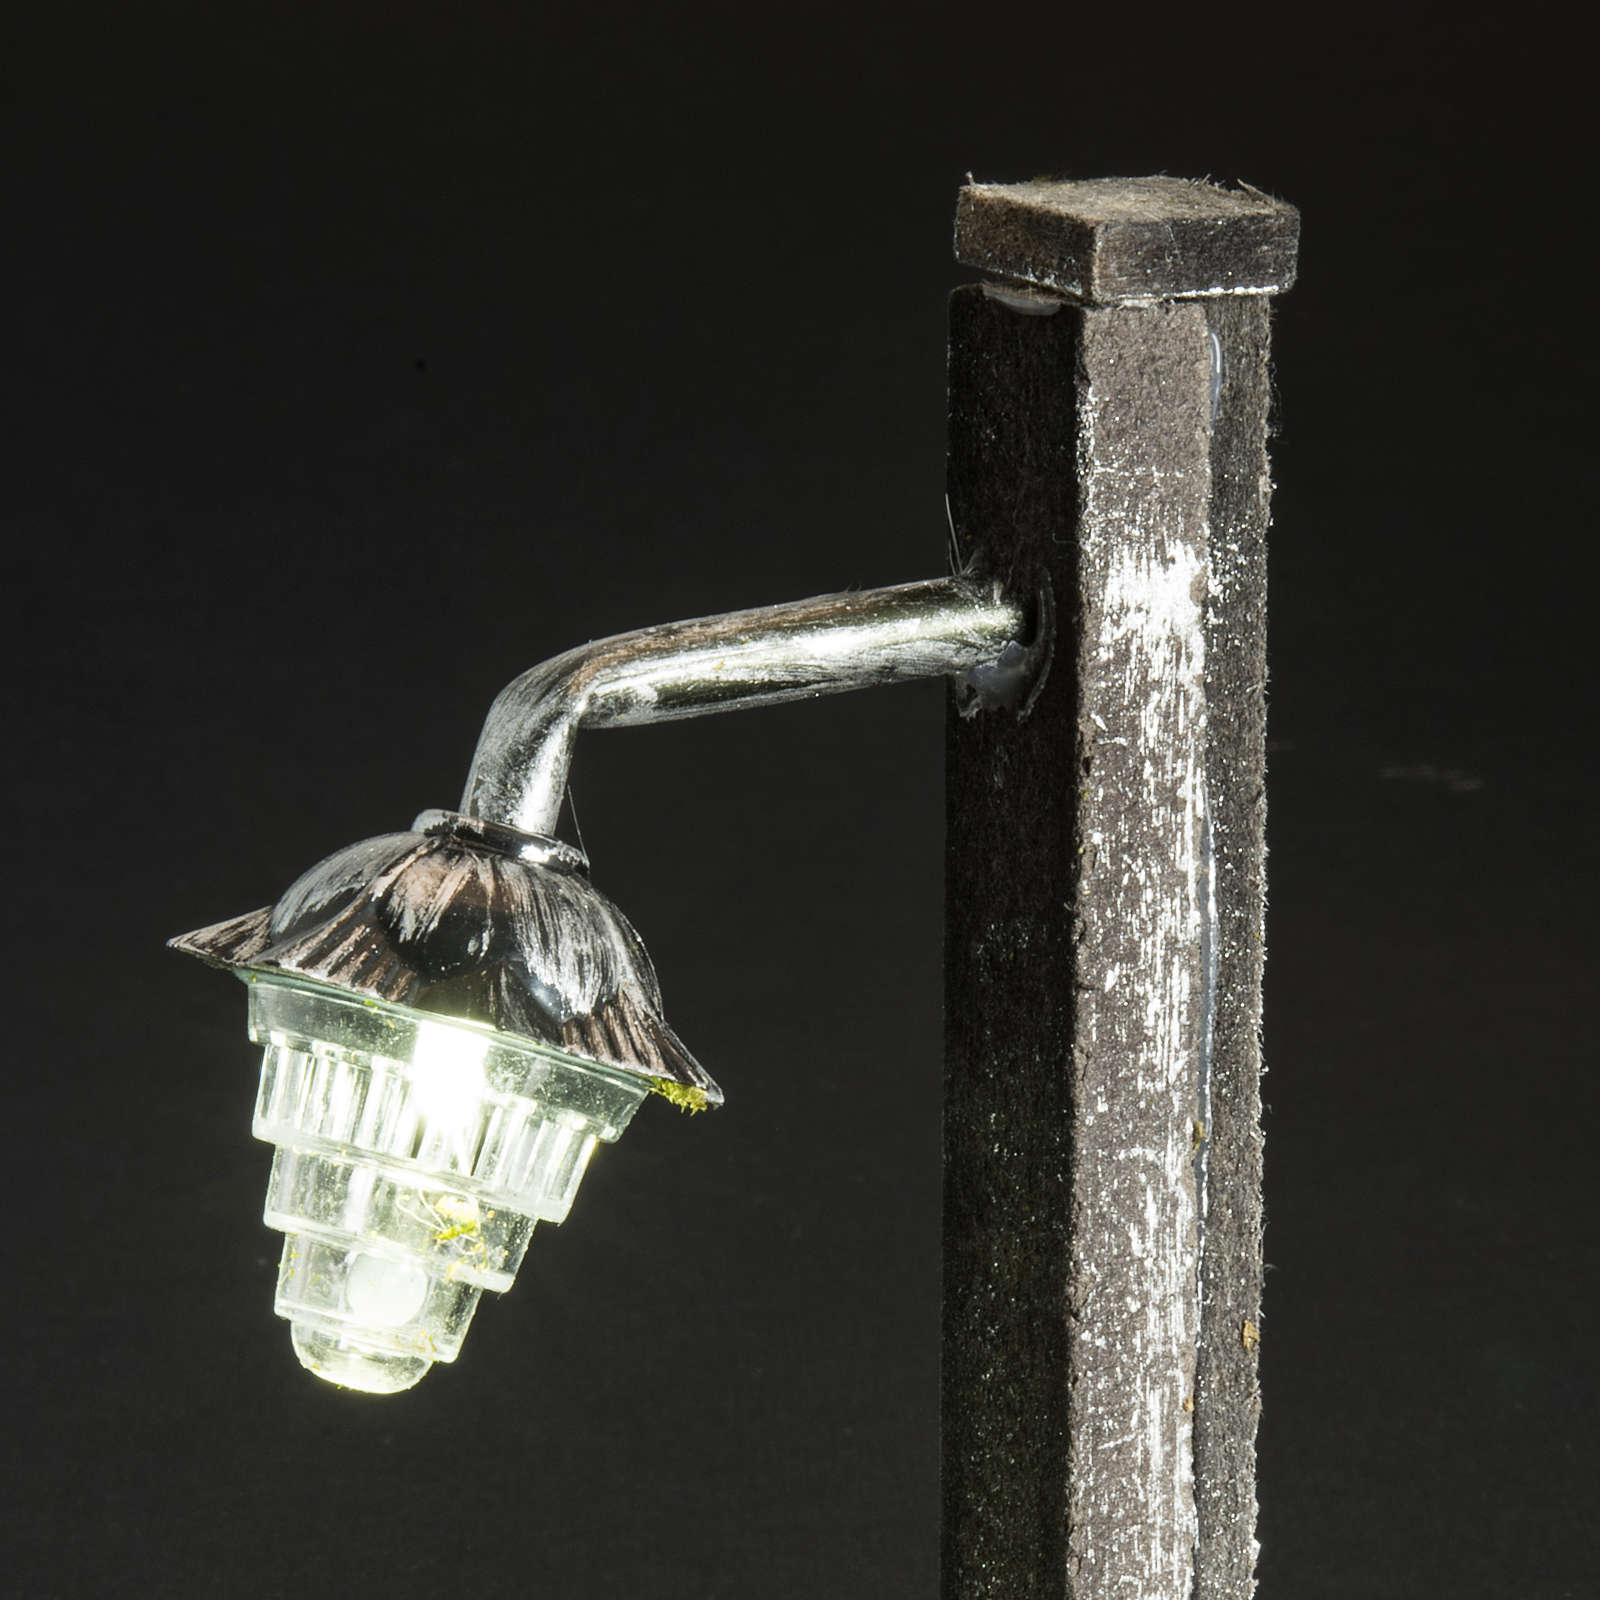 Lampione presepe metallo a batteria 4